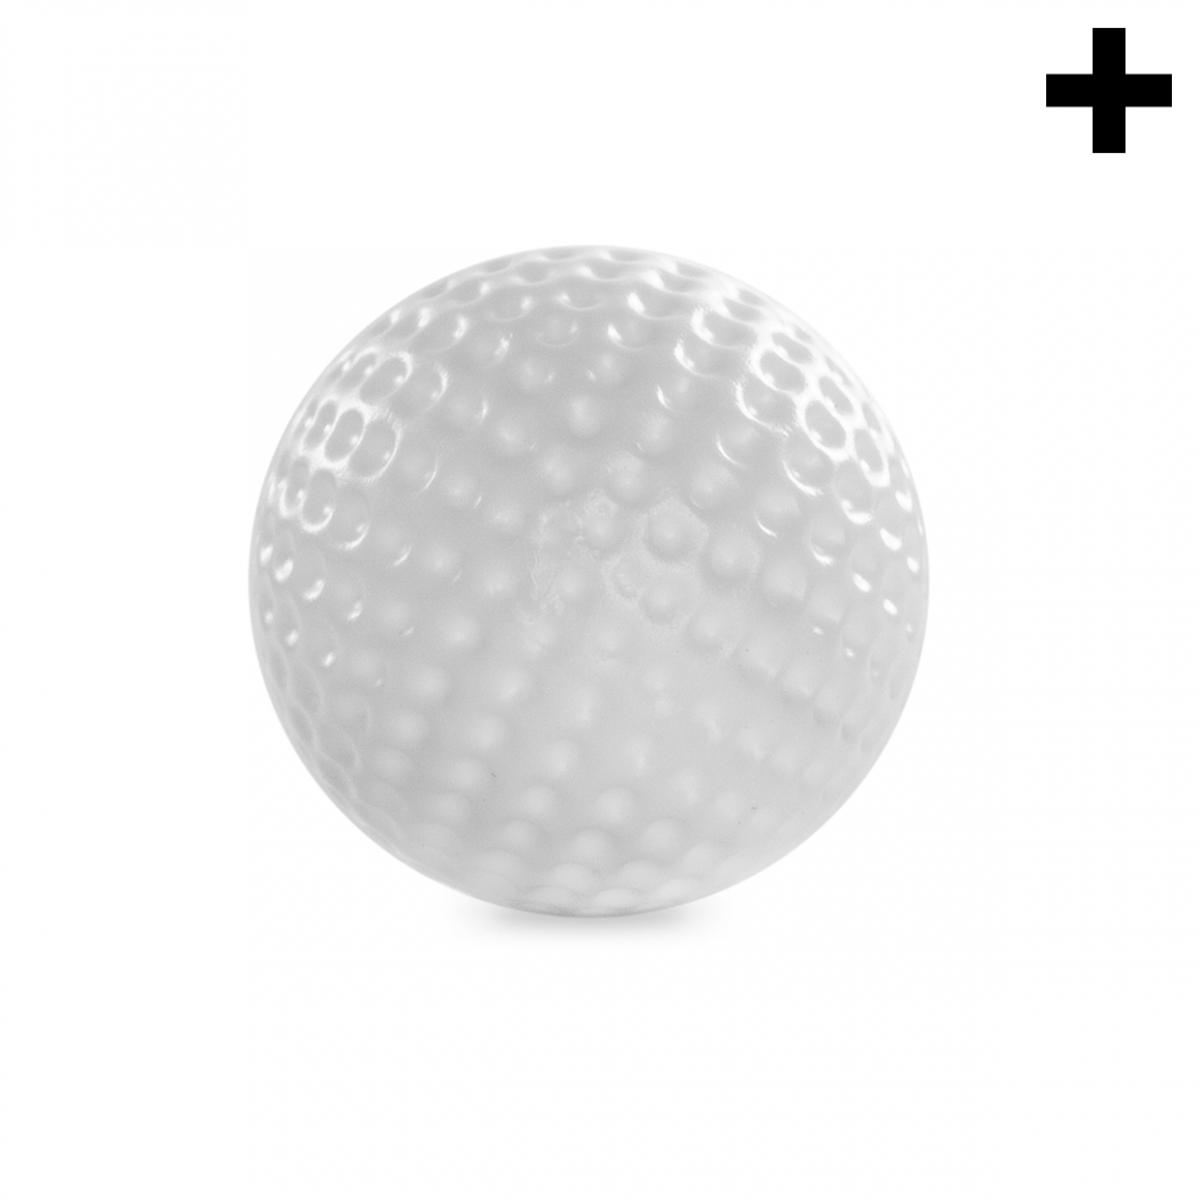 Imagen en la que se ve el plural del concepto pelota de golf